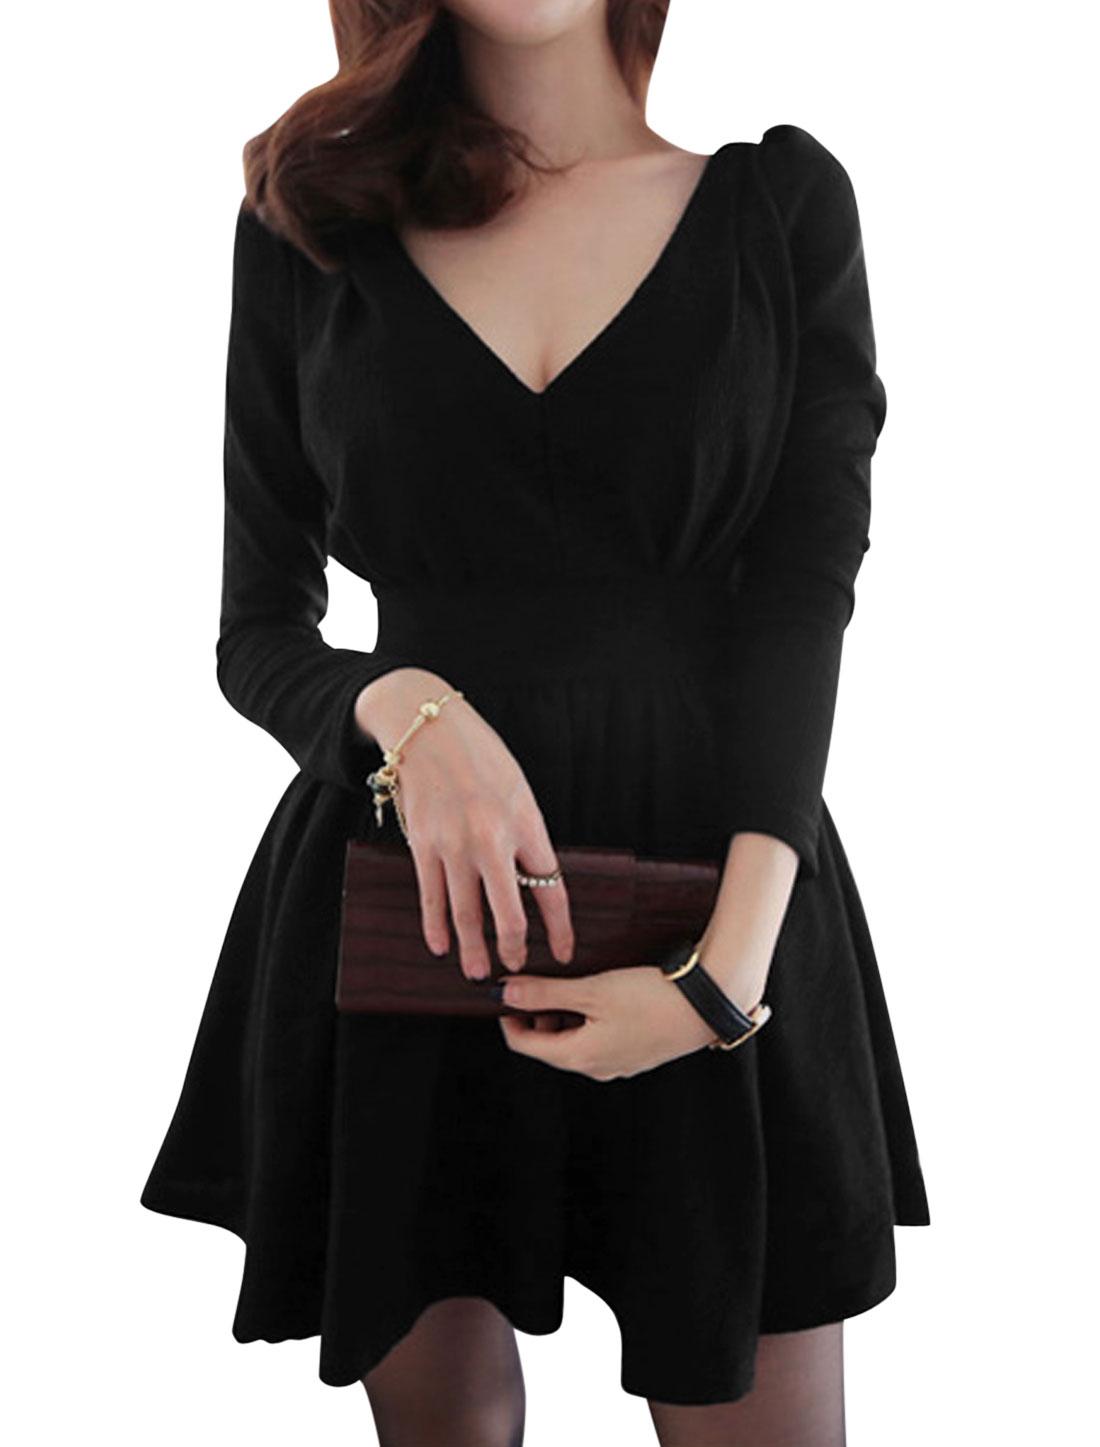 Ladies Black Ruched Detail Zip Up Front V Back leisure Dress M